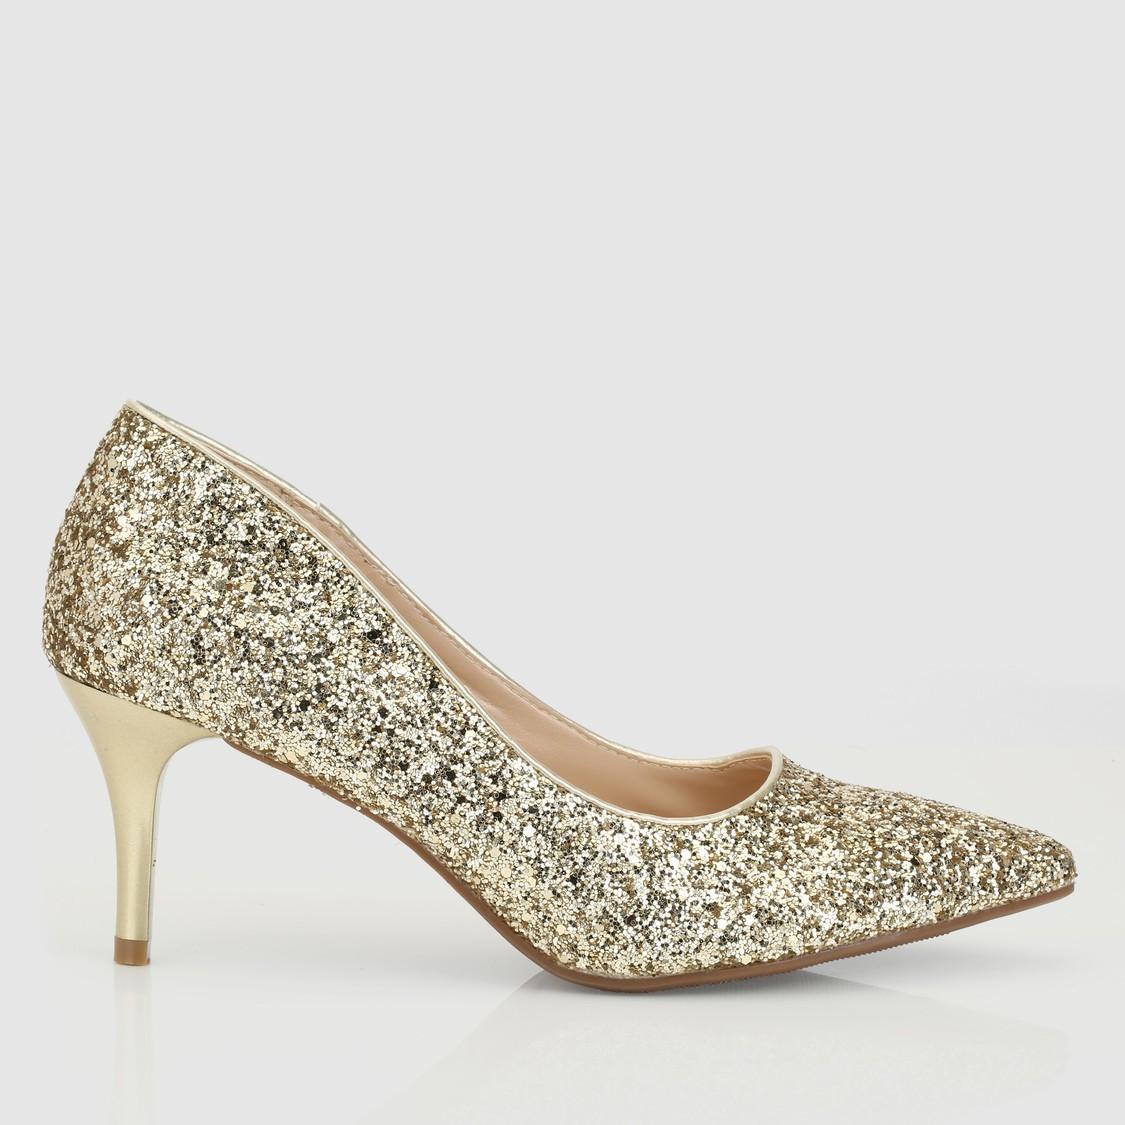 حذاء ستيليتو سهل الارتداء بتزيينات